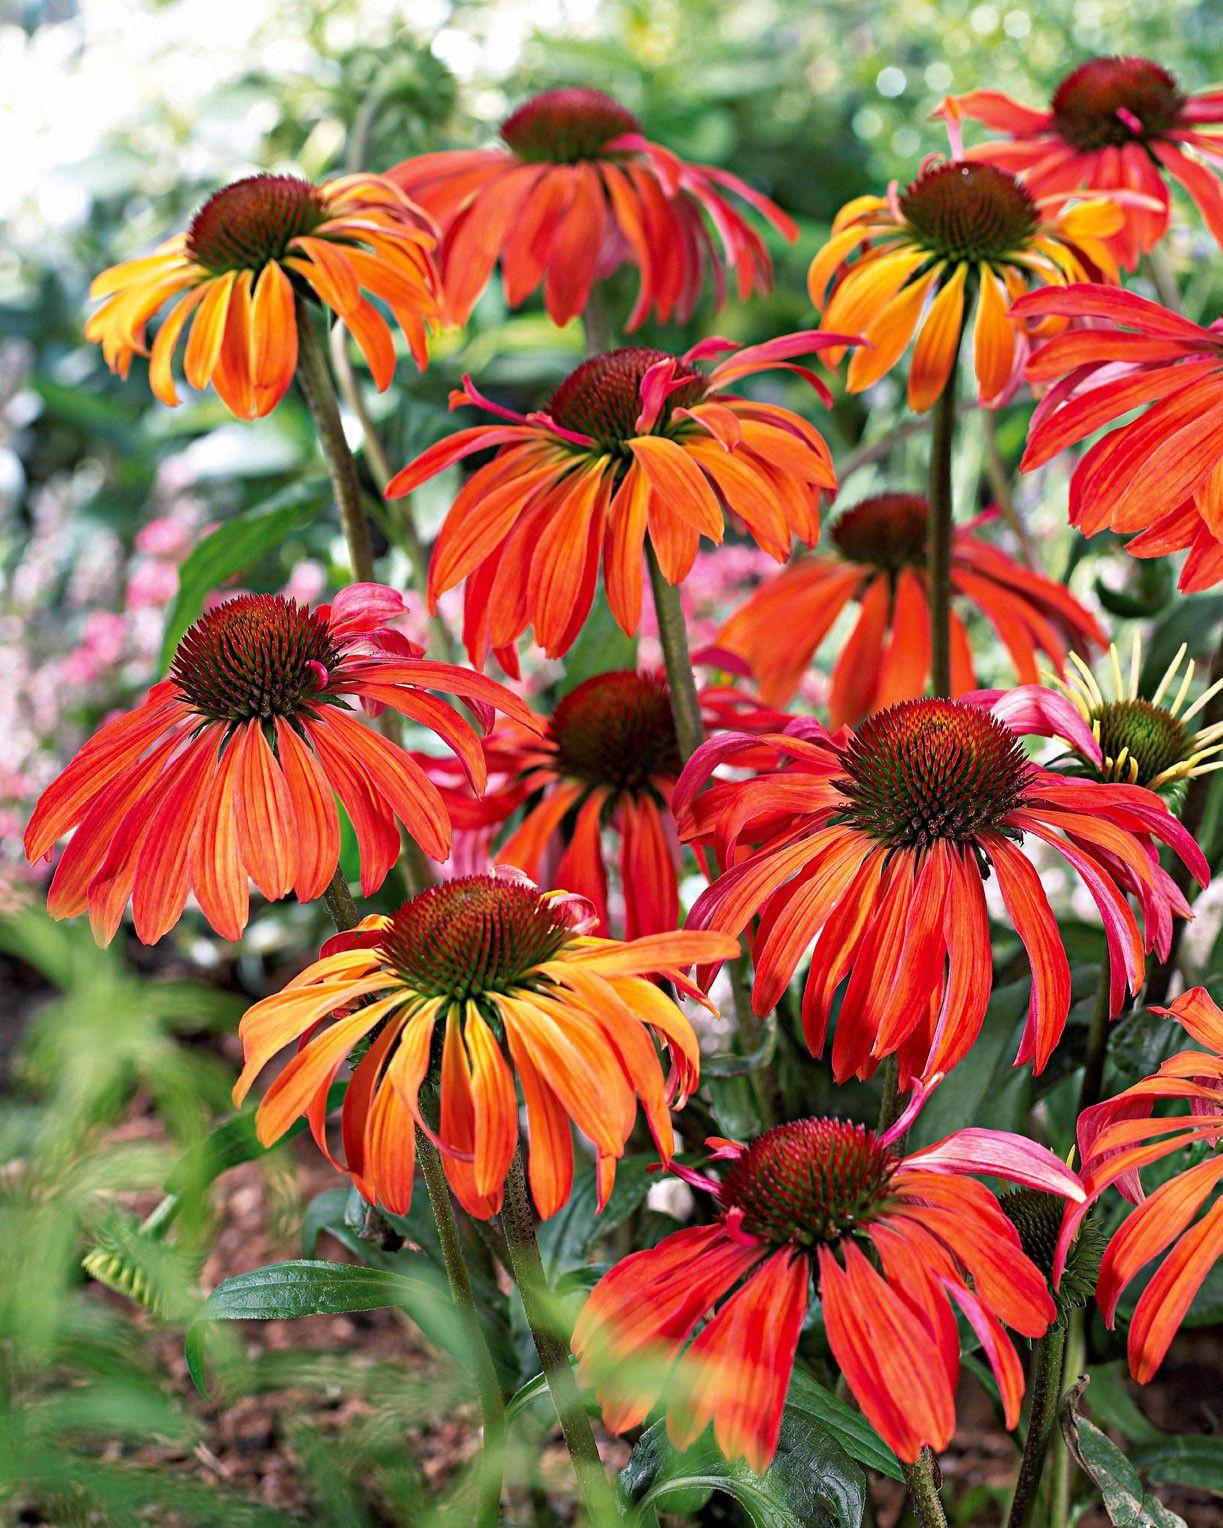 Les vivaces reviennent chaque année Plante vivace, Fleur